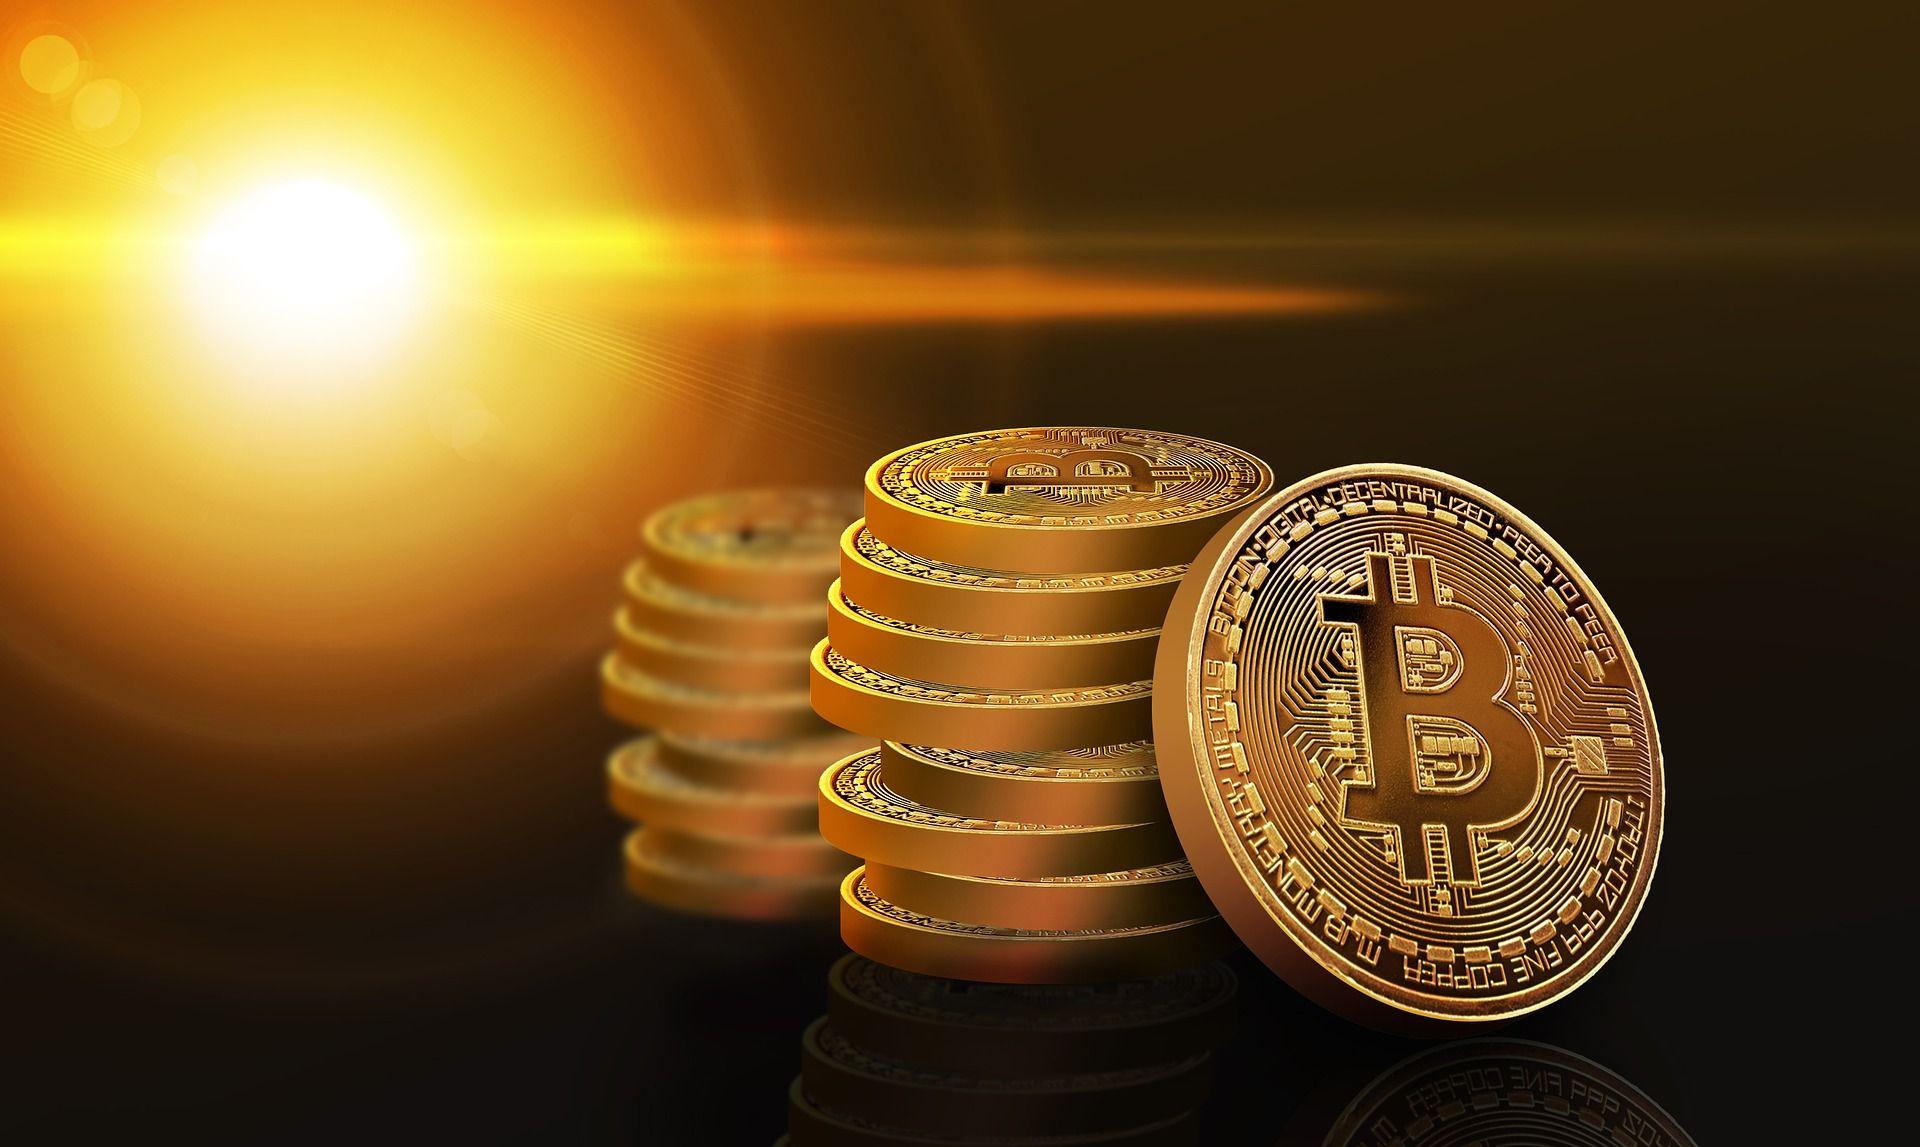 borsalardan cekilen bitcoinler yukselisin habercisi olabilir